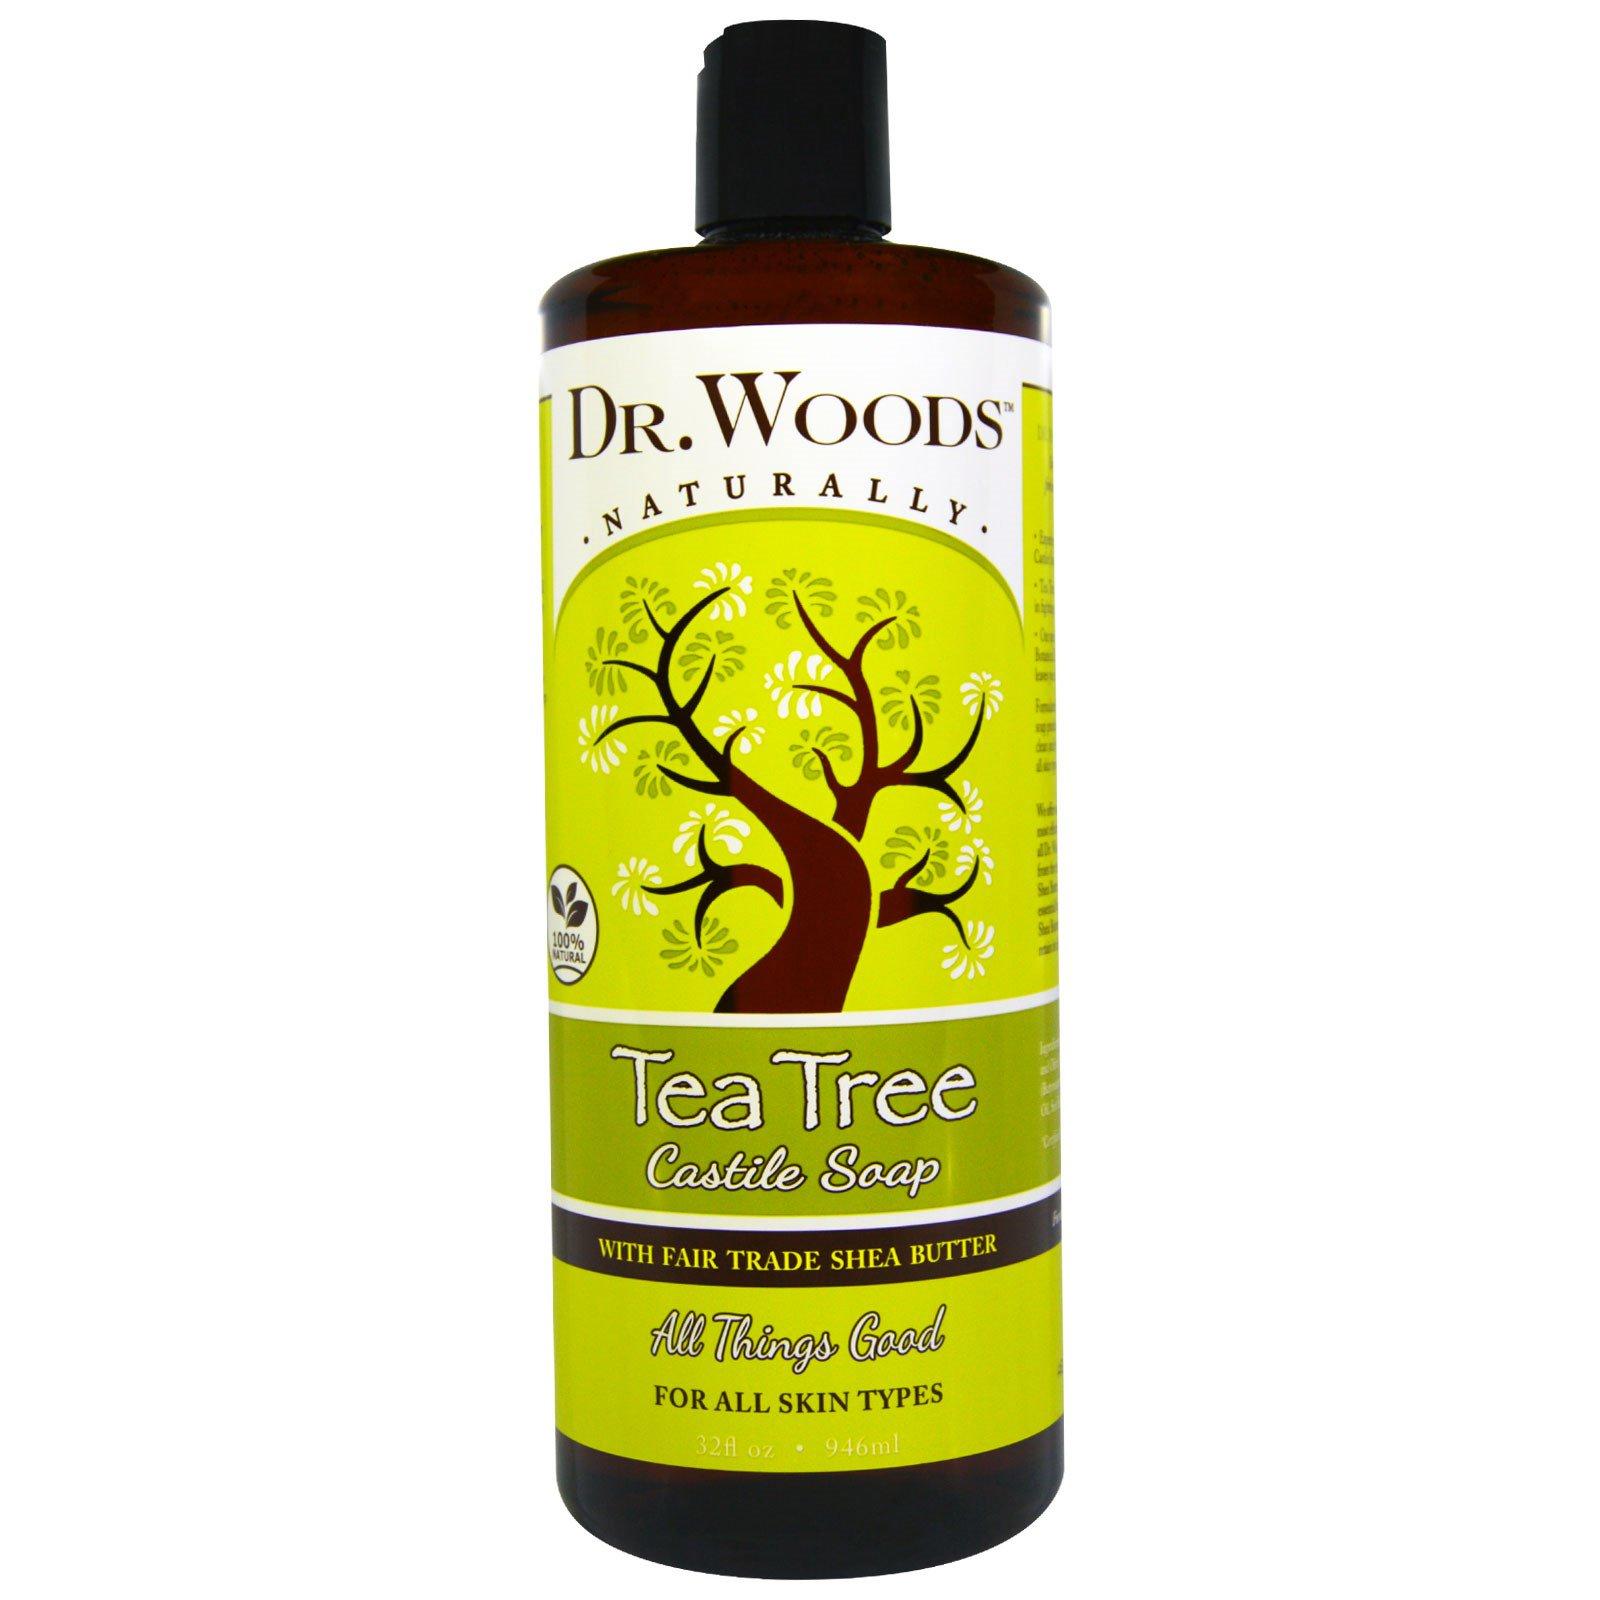 Dr. Woods, Чайное дерево, кастильское мыло с маслом ши, соответствующим стандартам справедливой торговли, 32 жидкие унции (946 мл)